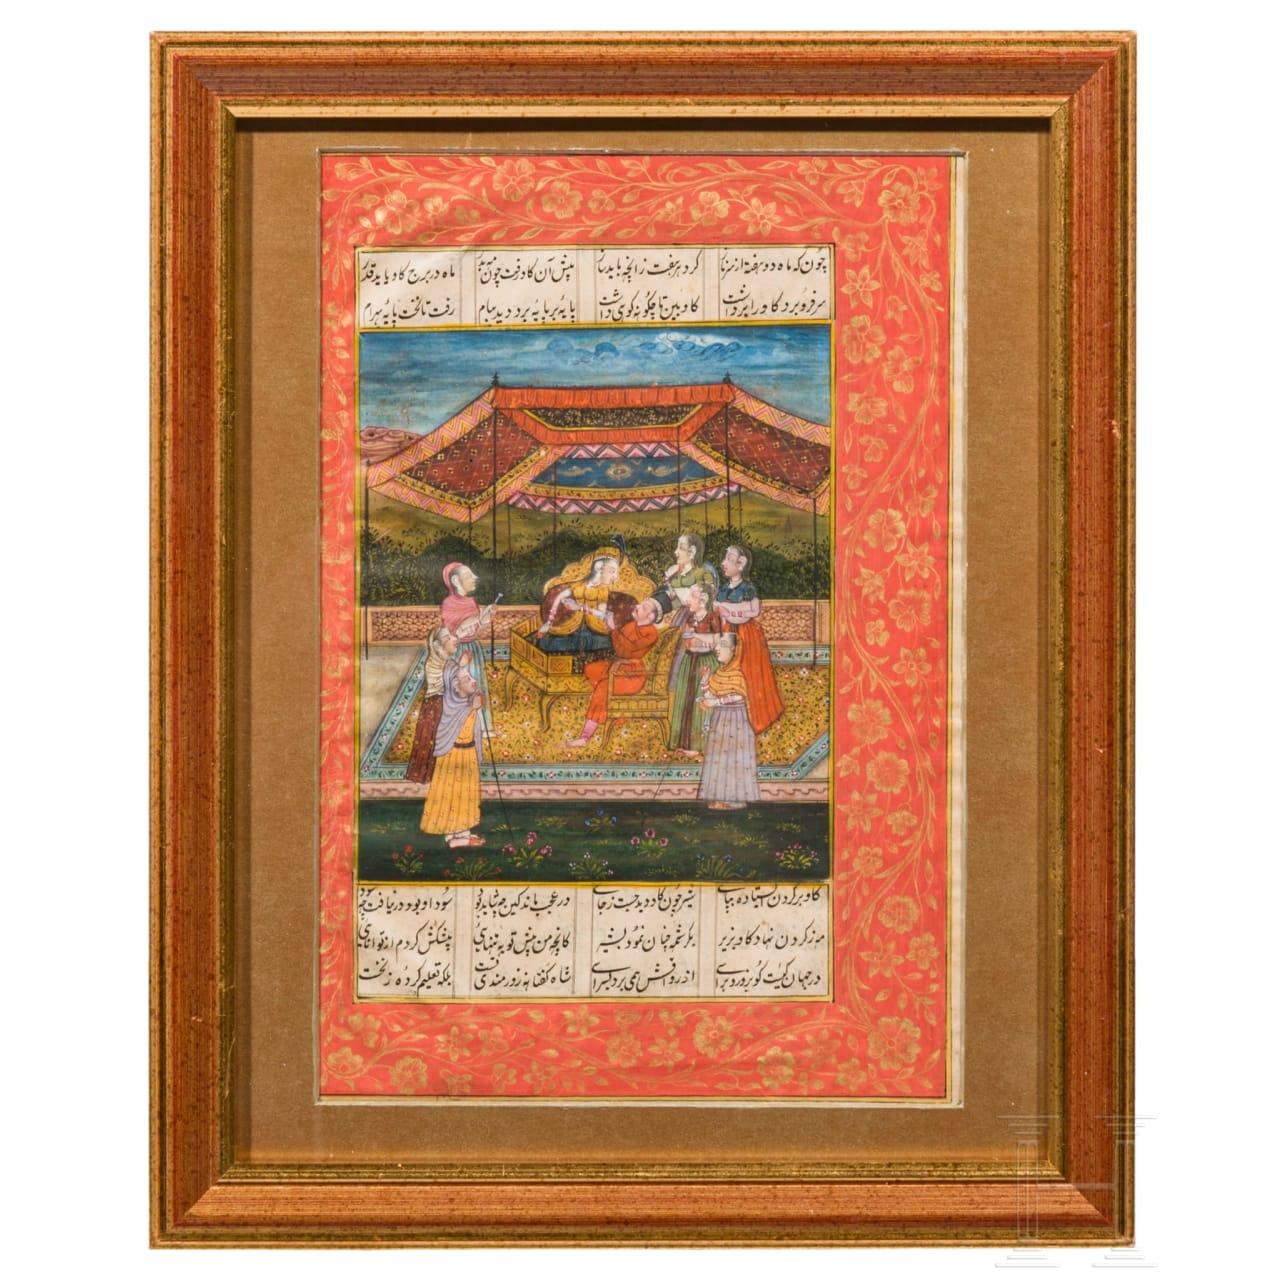 Miniatur aus dem Shahname, Nordindien, 2. Hälfte 19. Jhdt.